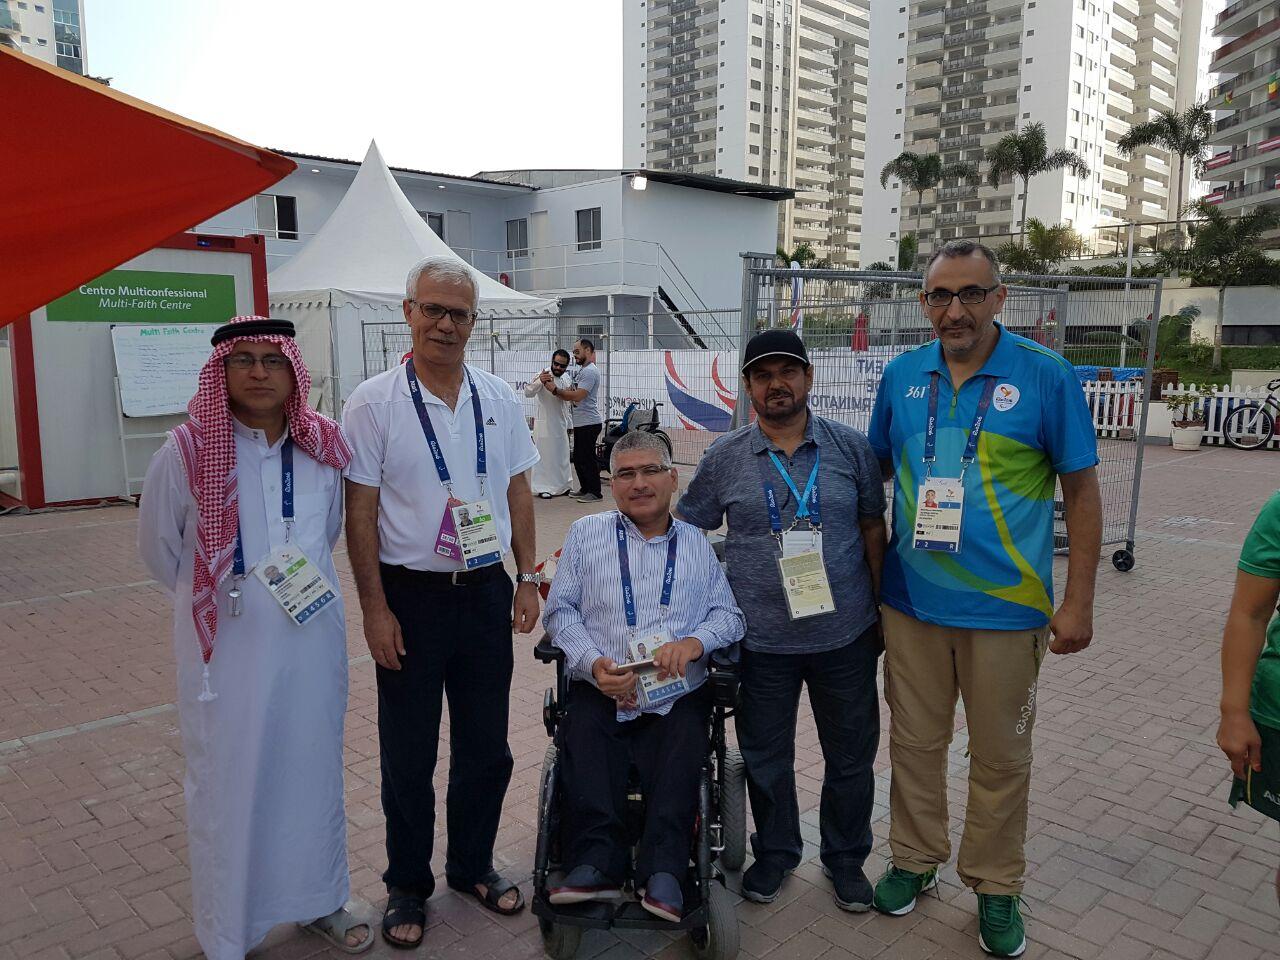 رئيس الاتحاد يشارك في دورة الالعاب البارالمبية ريو 2016 ويلتقي رؤساء اللجان البارالمبية الوطنية